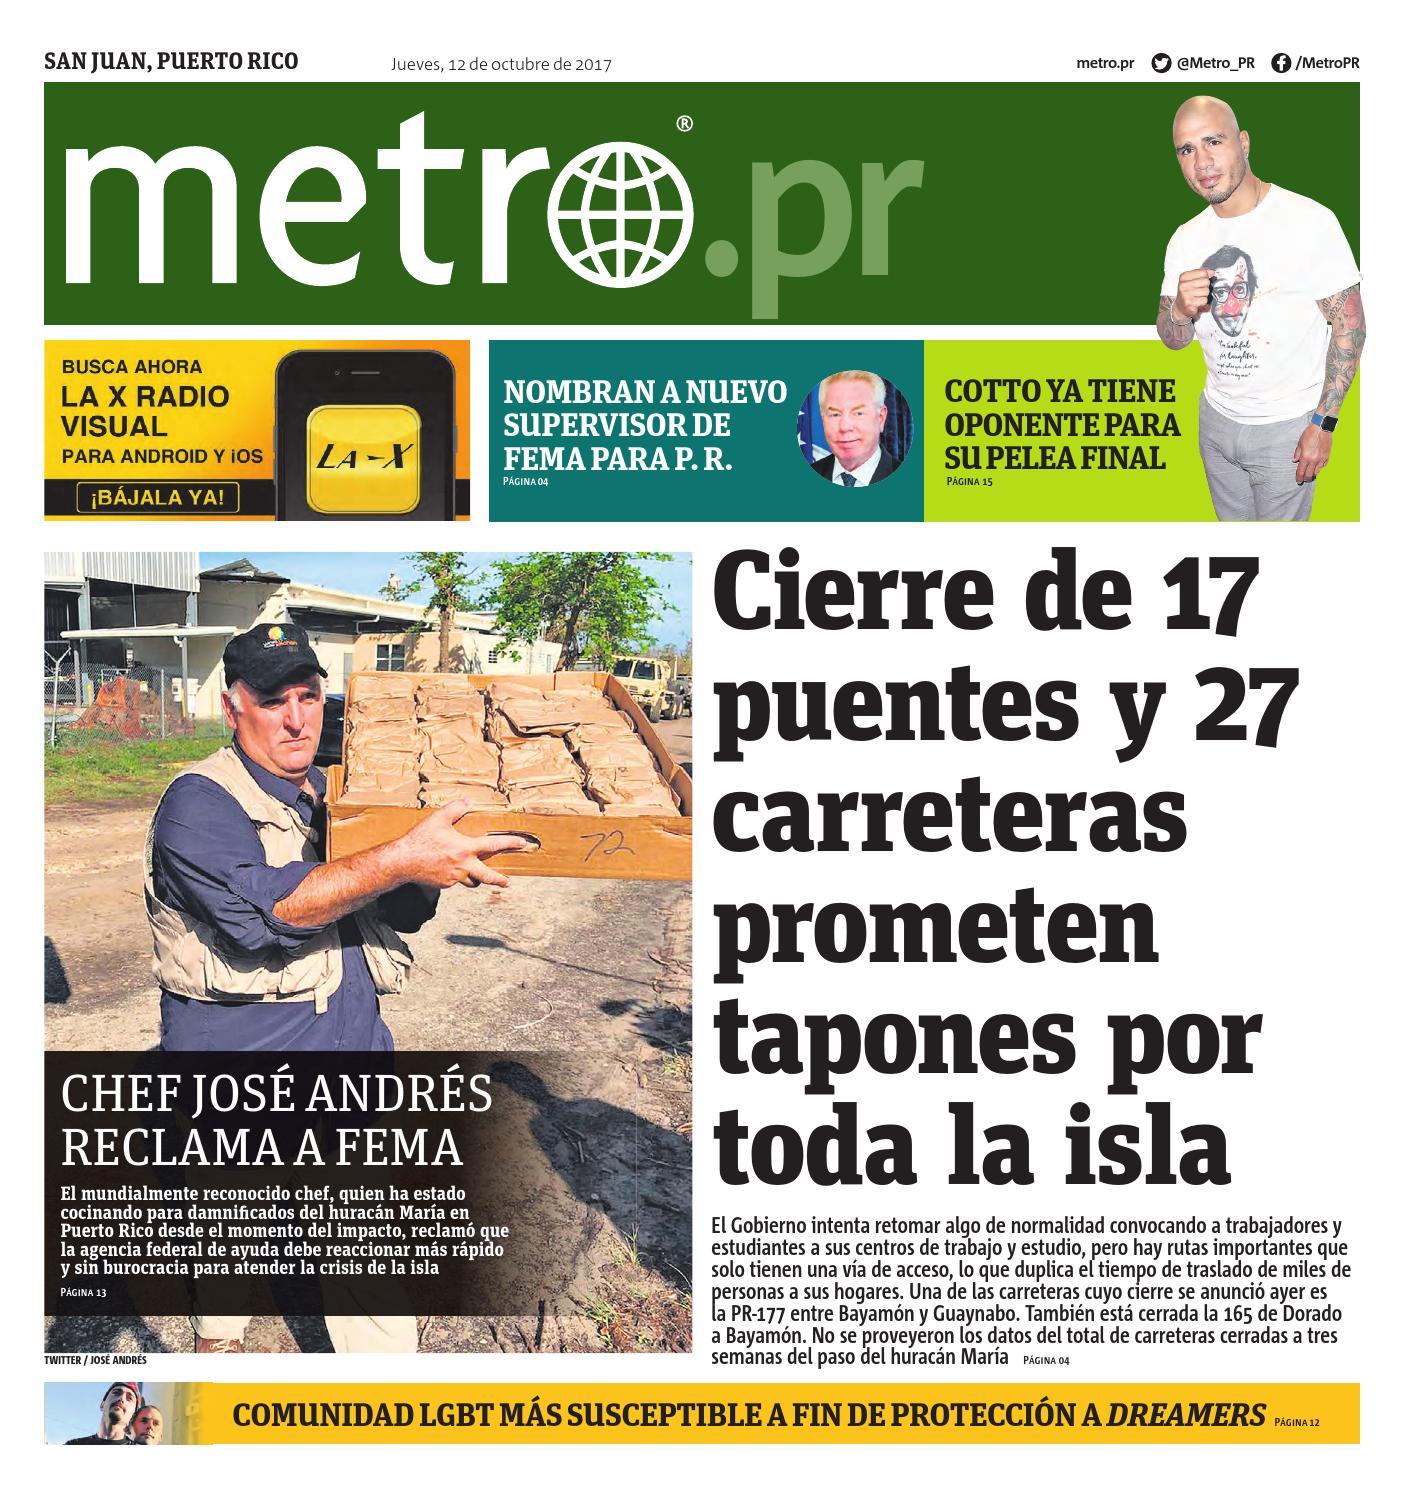 20171012 pr sanjuan by Metro Puerto Rico - issuu